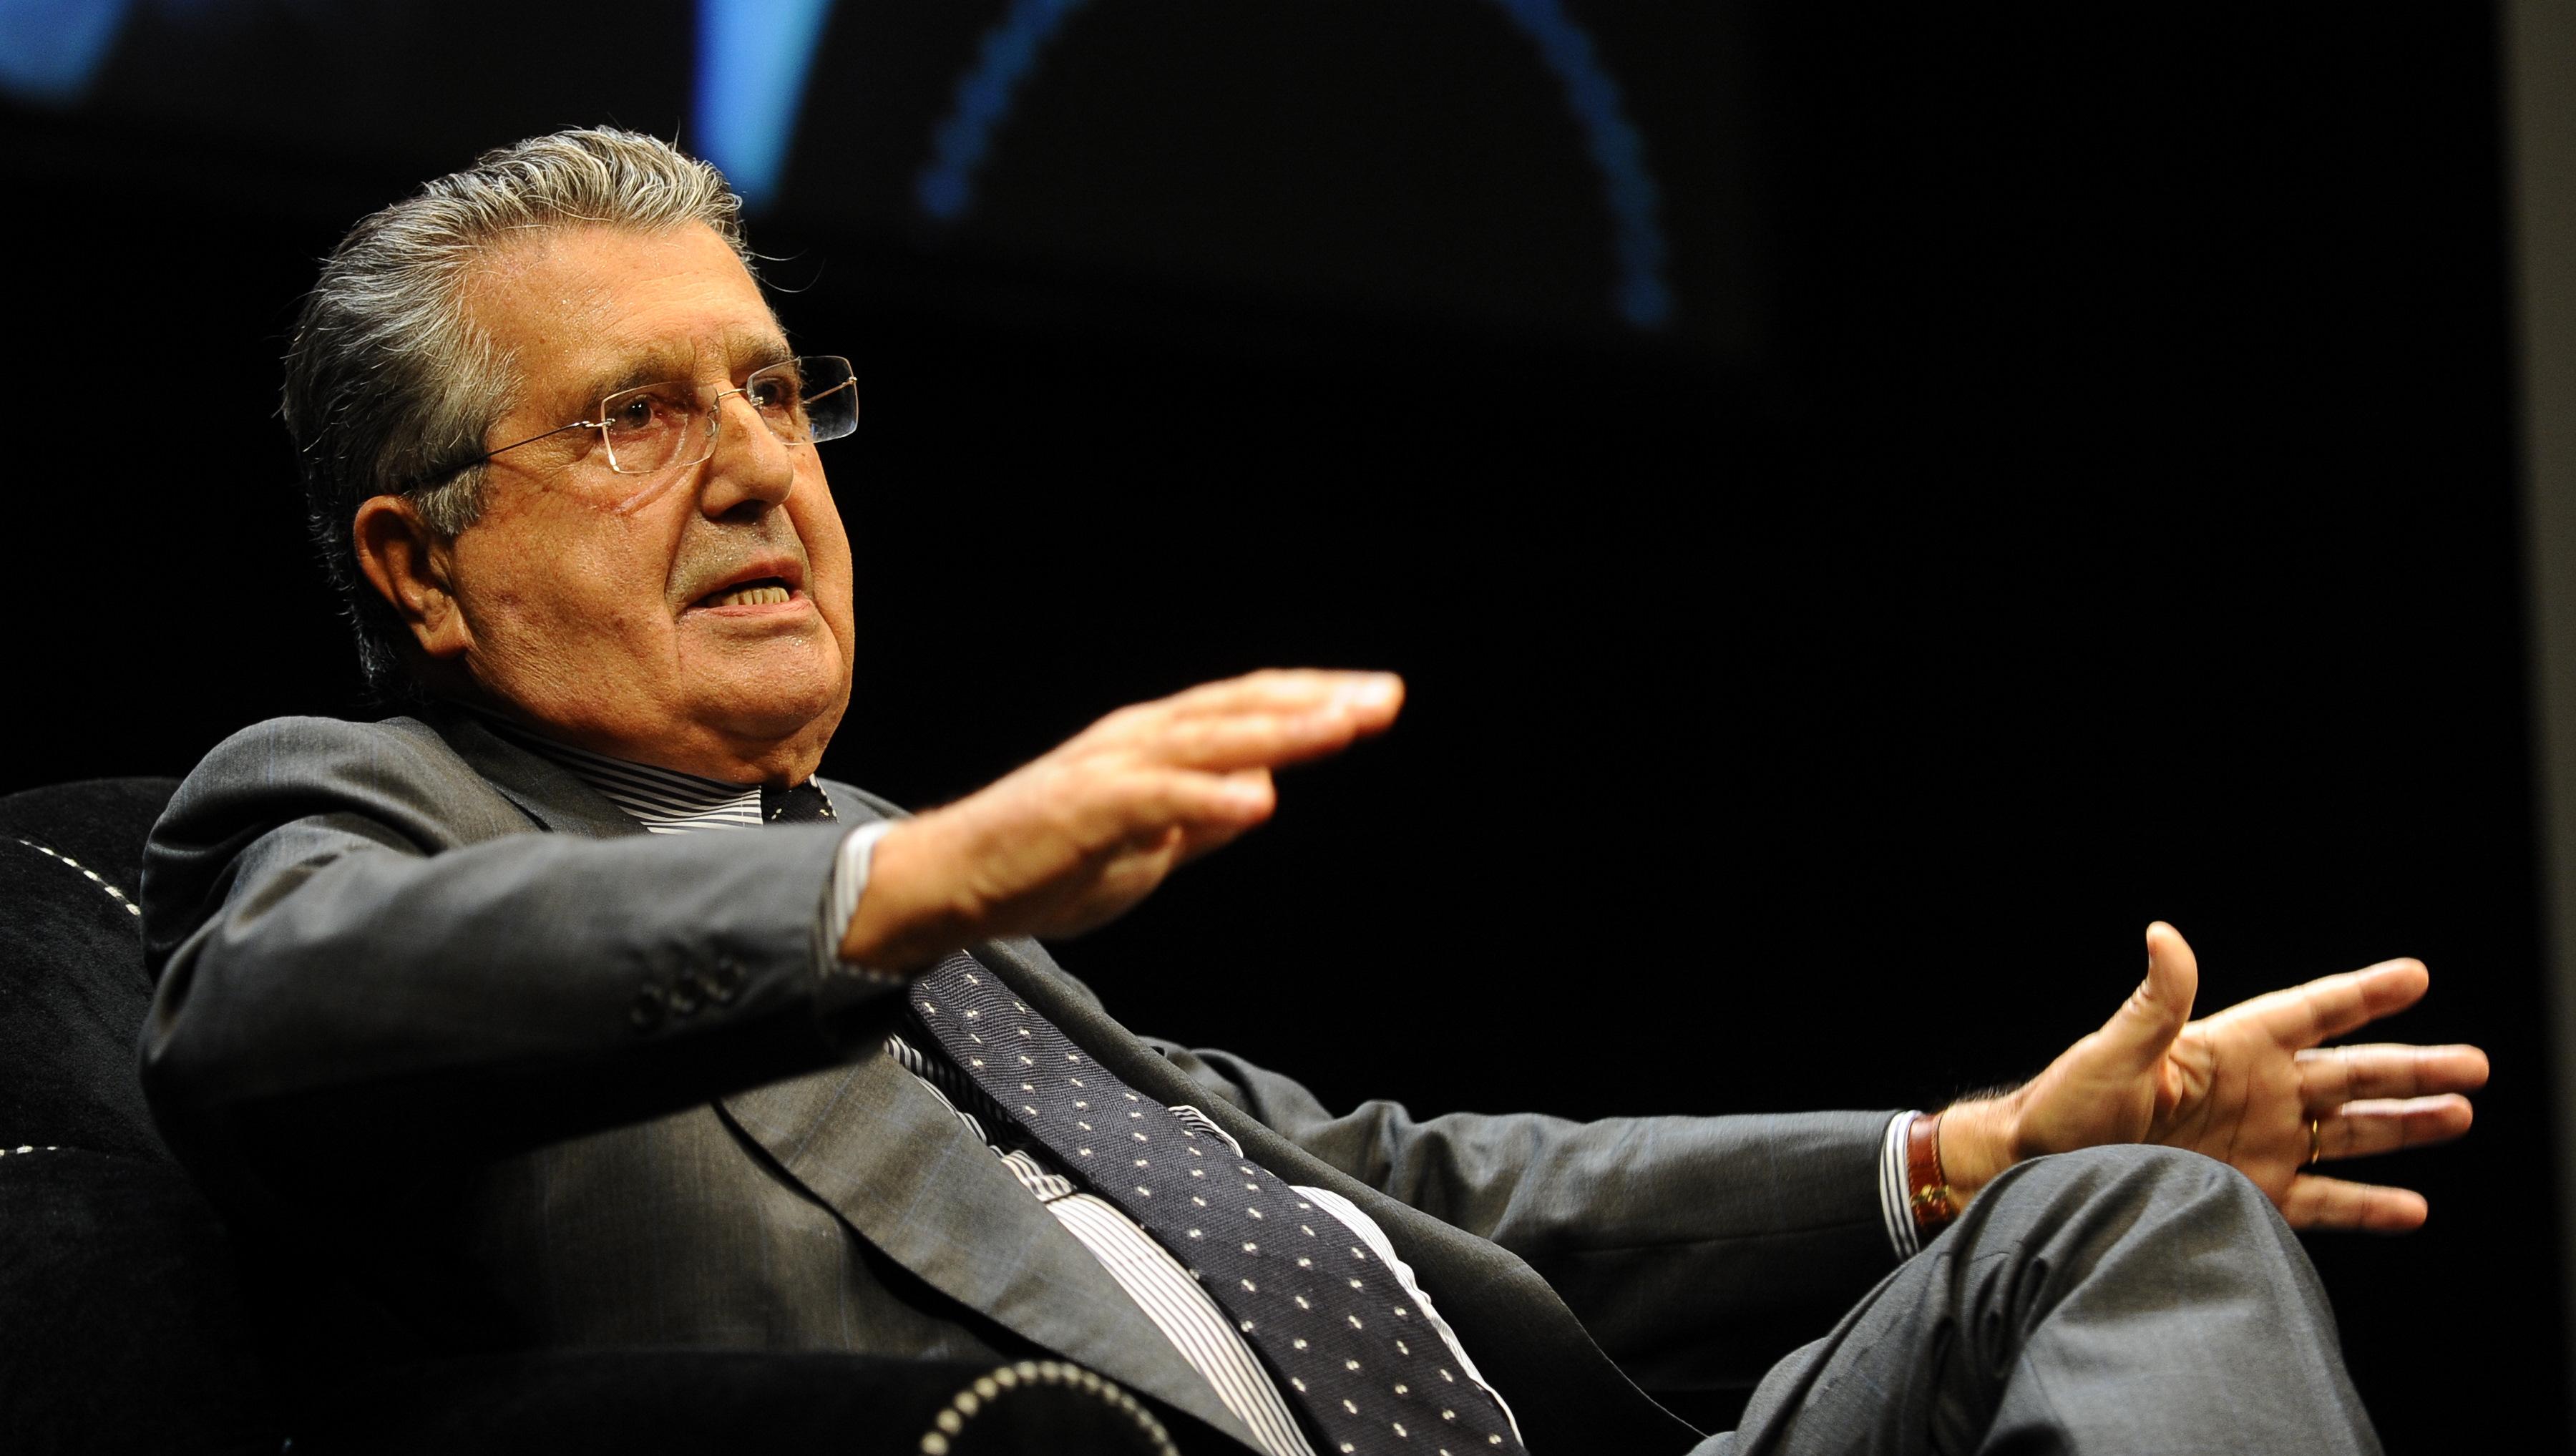 De Benedetti e la 'soffiata' sulle banche: «Il decreto passa, ho parlato con Renzi»